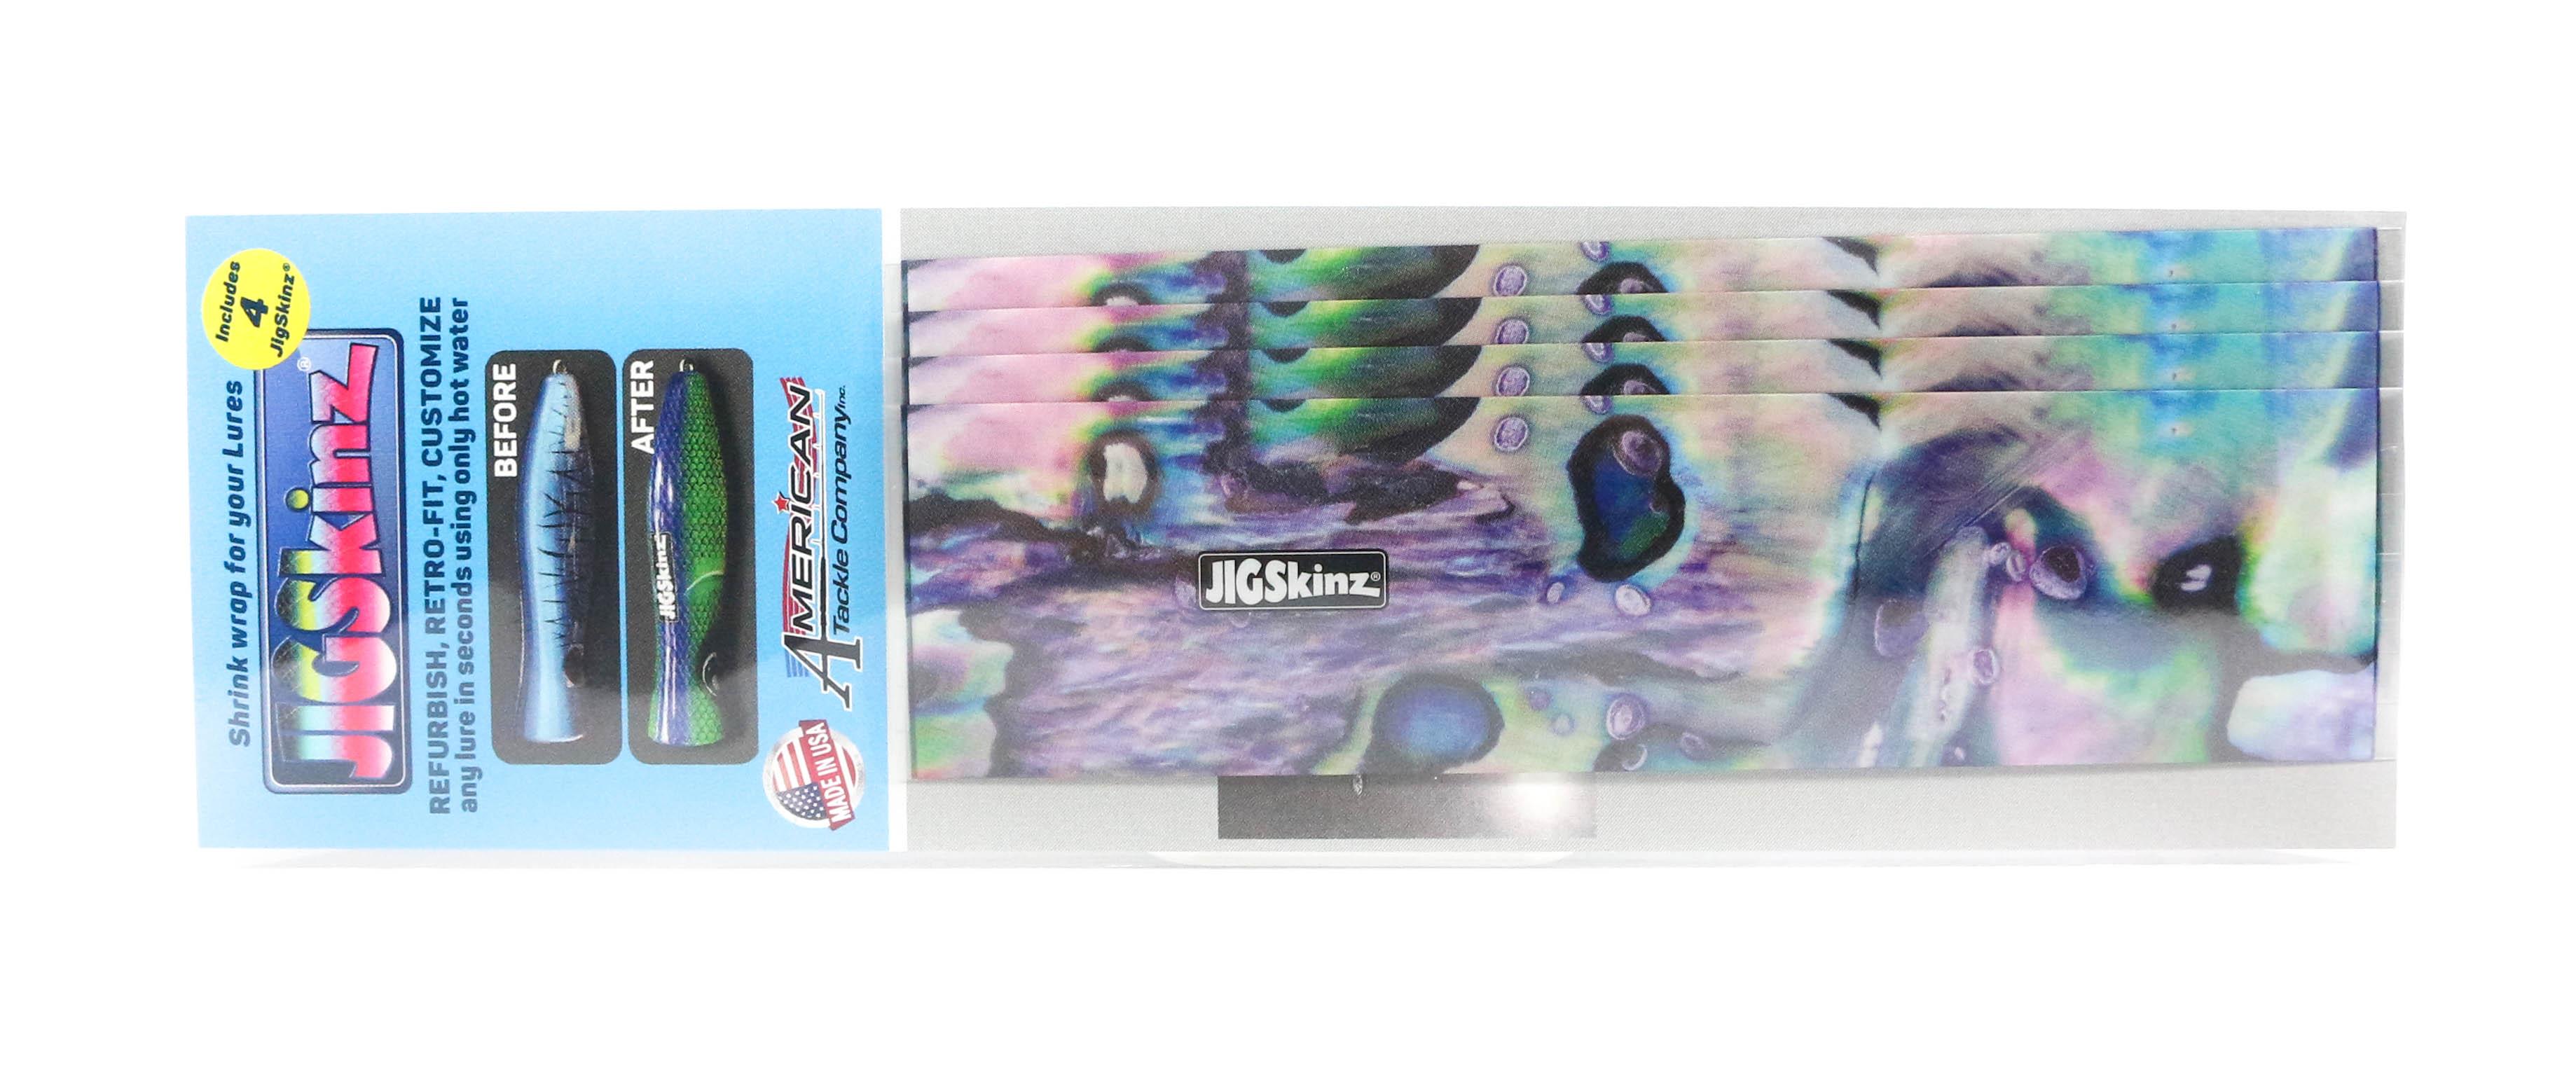 Jigskinz JZABP-S4 Abalone Purple 140 x 70mm x 4 pieces Small (3220)